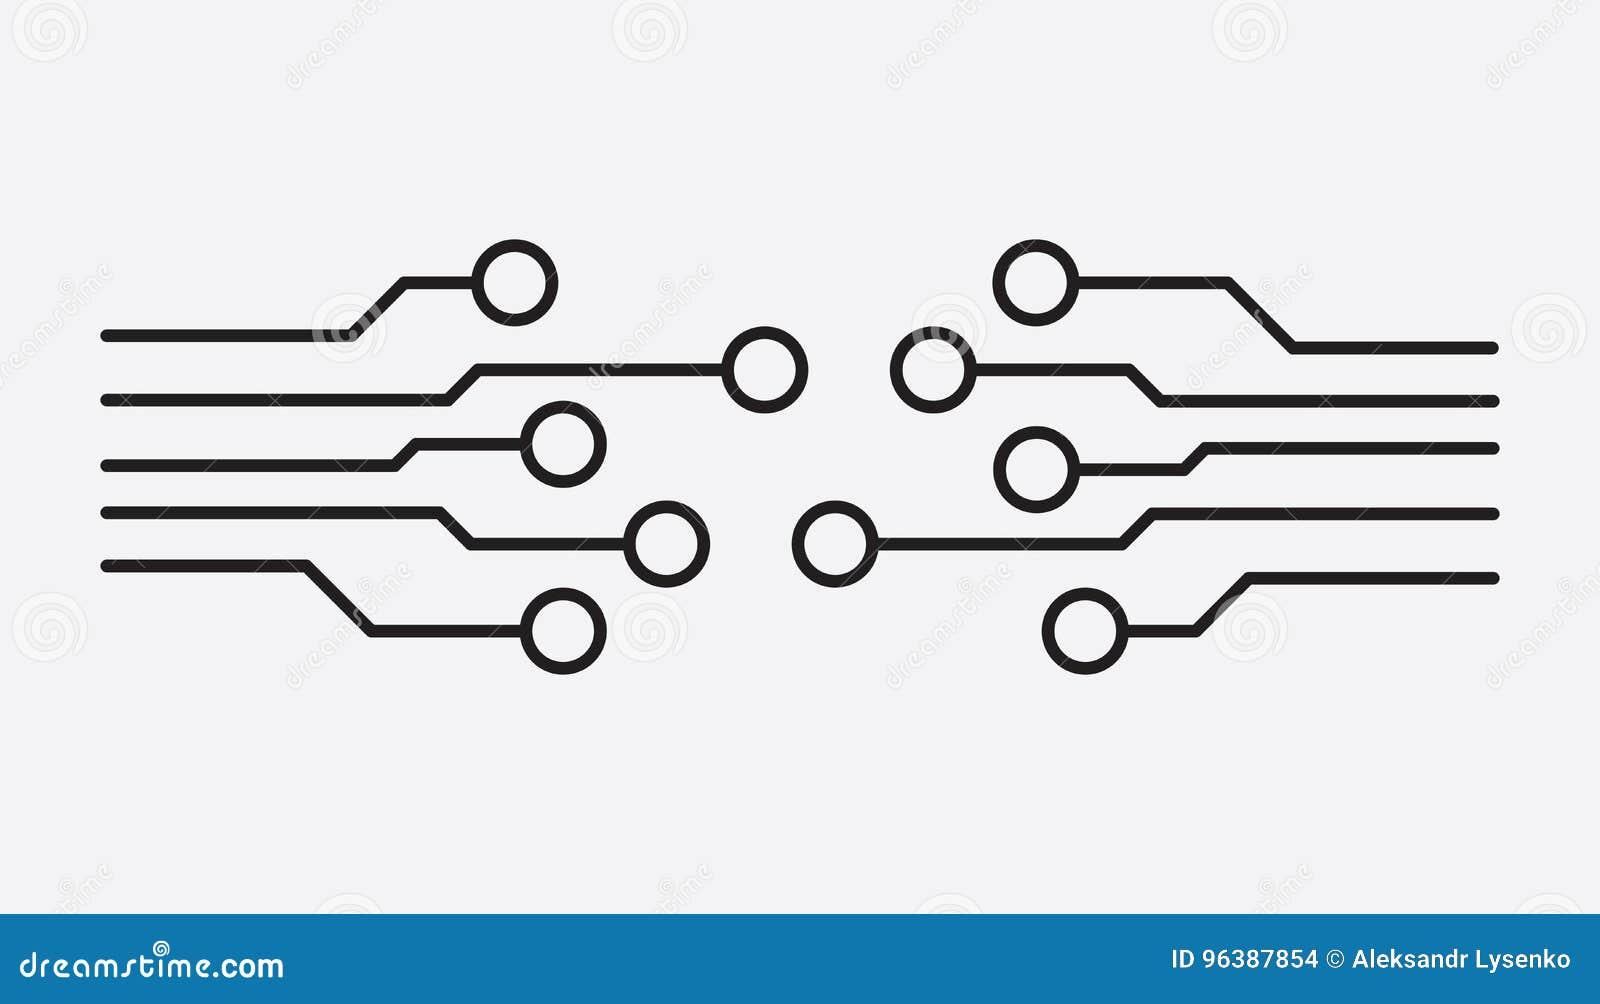 Schemi Elettrici Di Circuiti : Icona del circuito illustr piano di vettore di simbolo di schema di